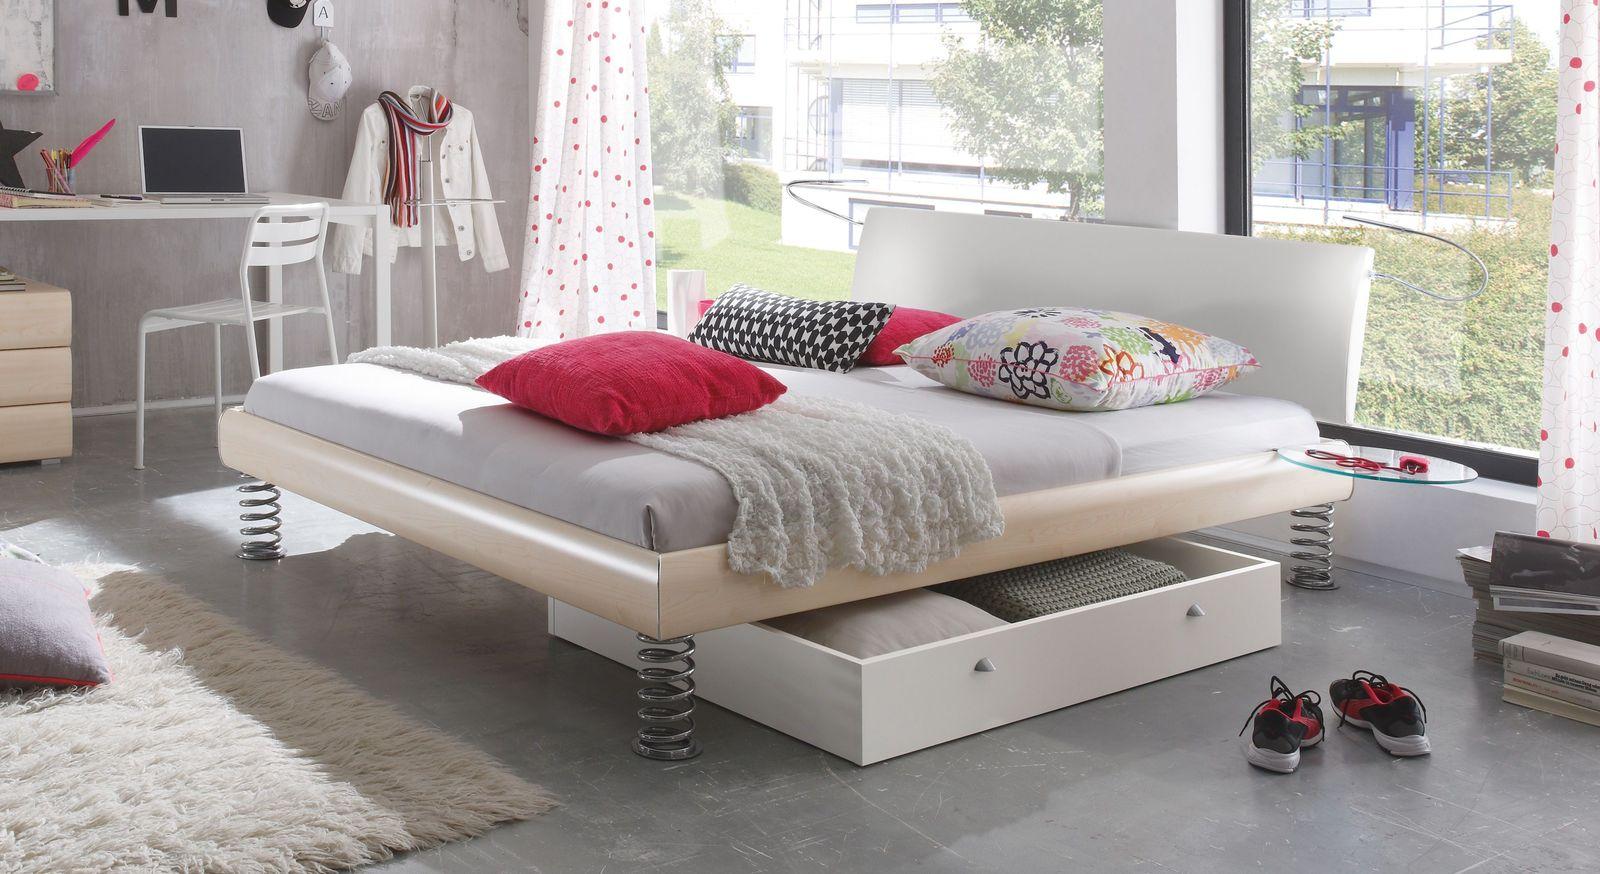 bett 100x200 wei preisvergleich die besten angebote. Black Bedroom Furniture Sets. Home Design Ideas